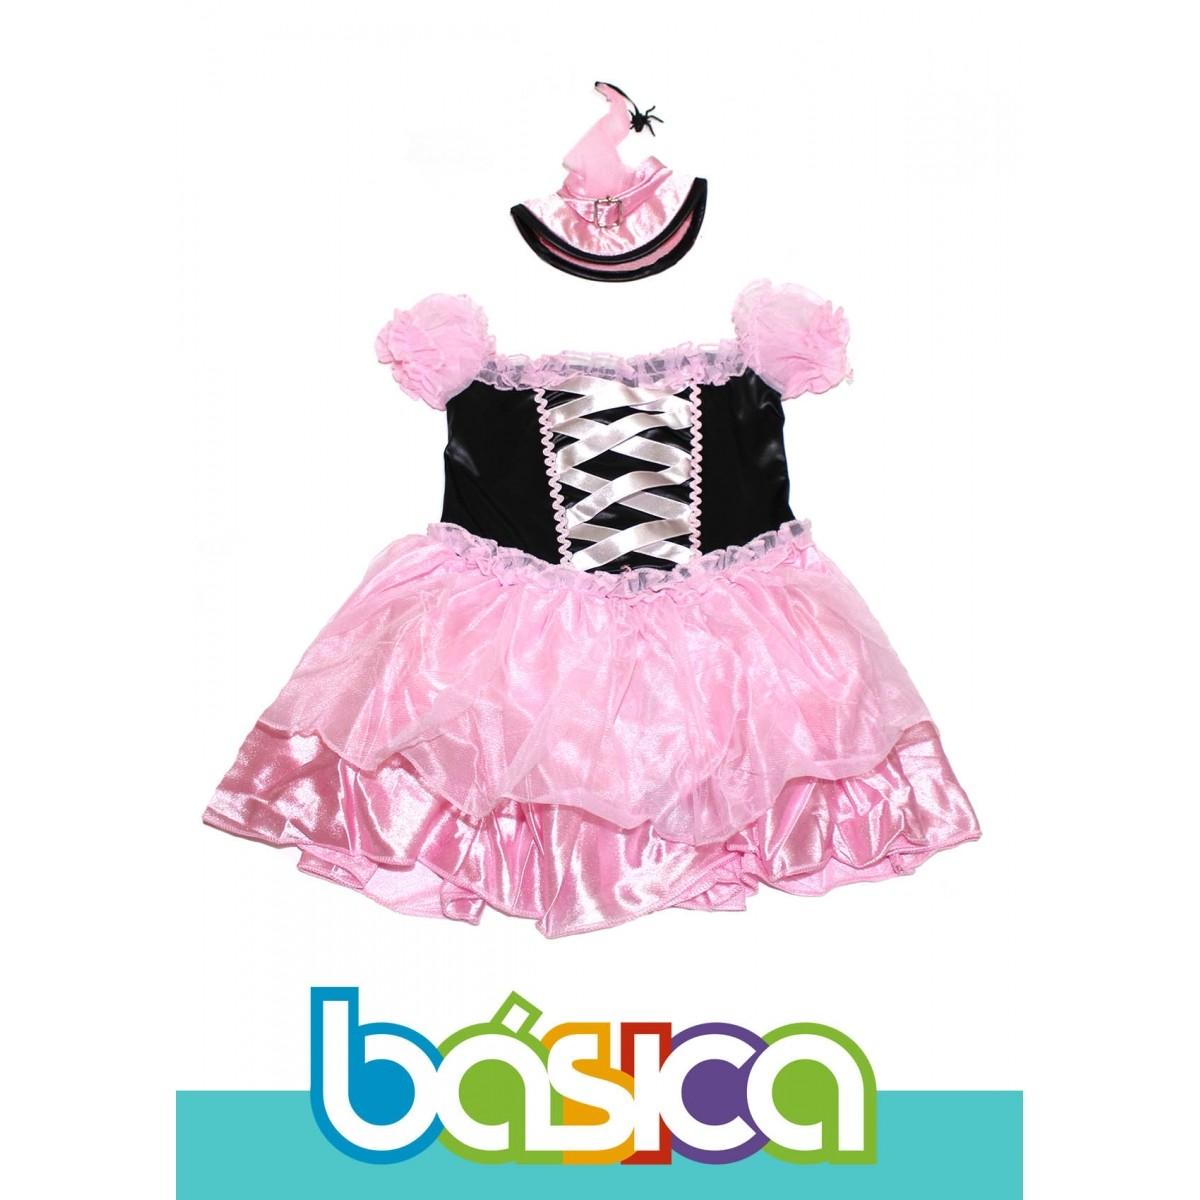 Fantasia de Bruxa Infantil Preto com Rosa Com Chapéu de Bruxa Deluxe  - BÁSICA UNIFORMES